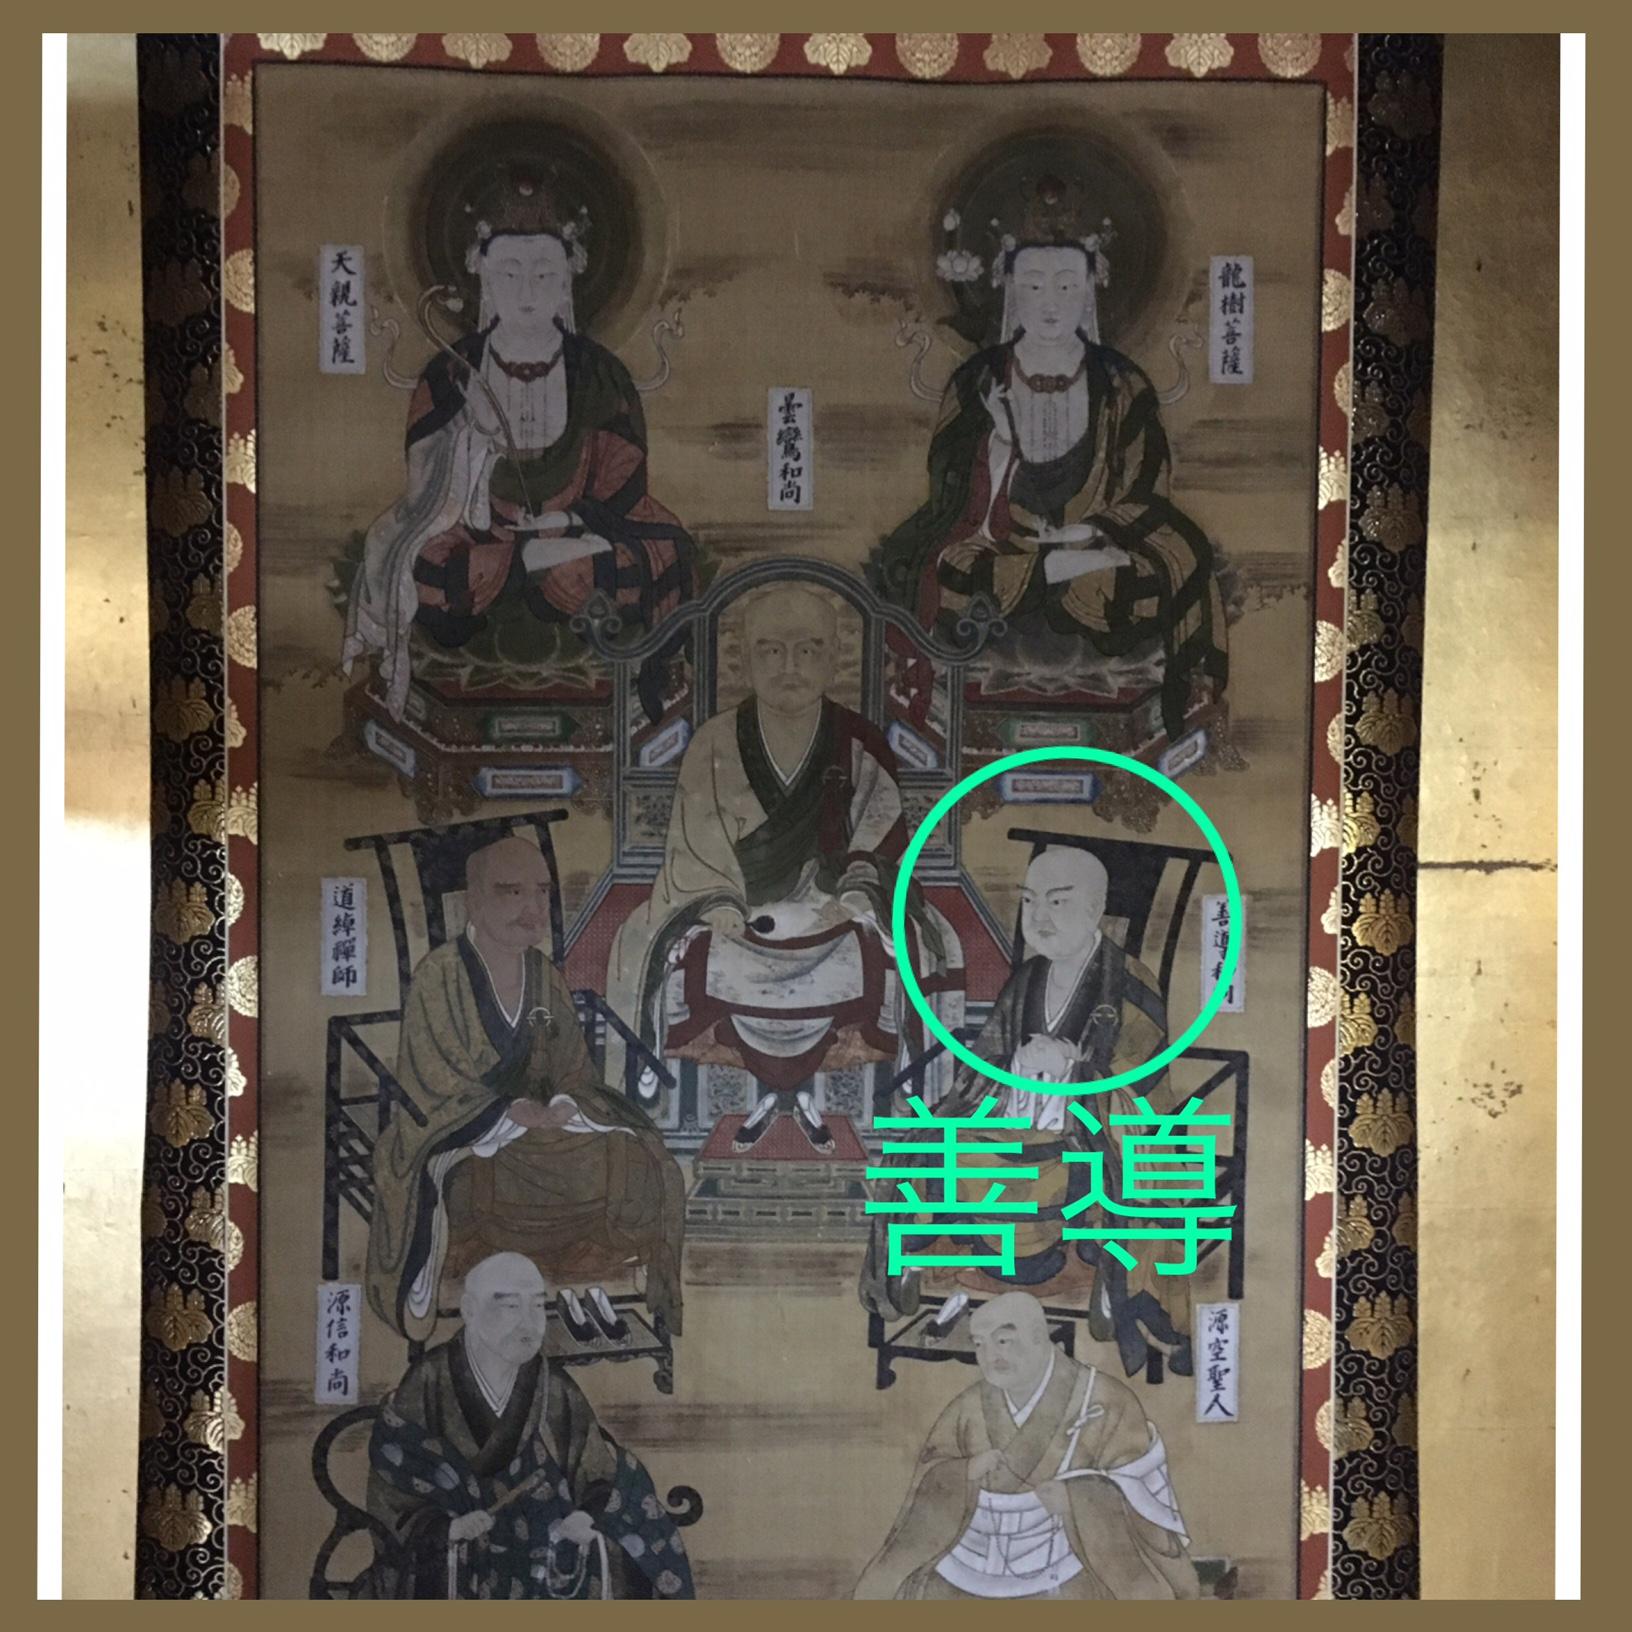 法苑院 妙華寺 | 三重県津市 真宗高田派 お寺からのお知らせ善導大師